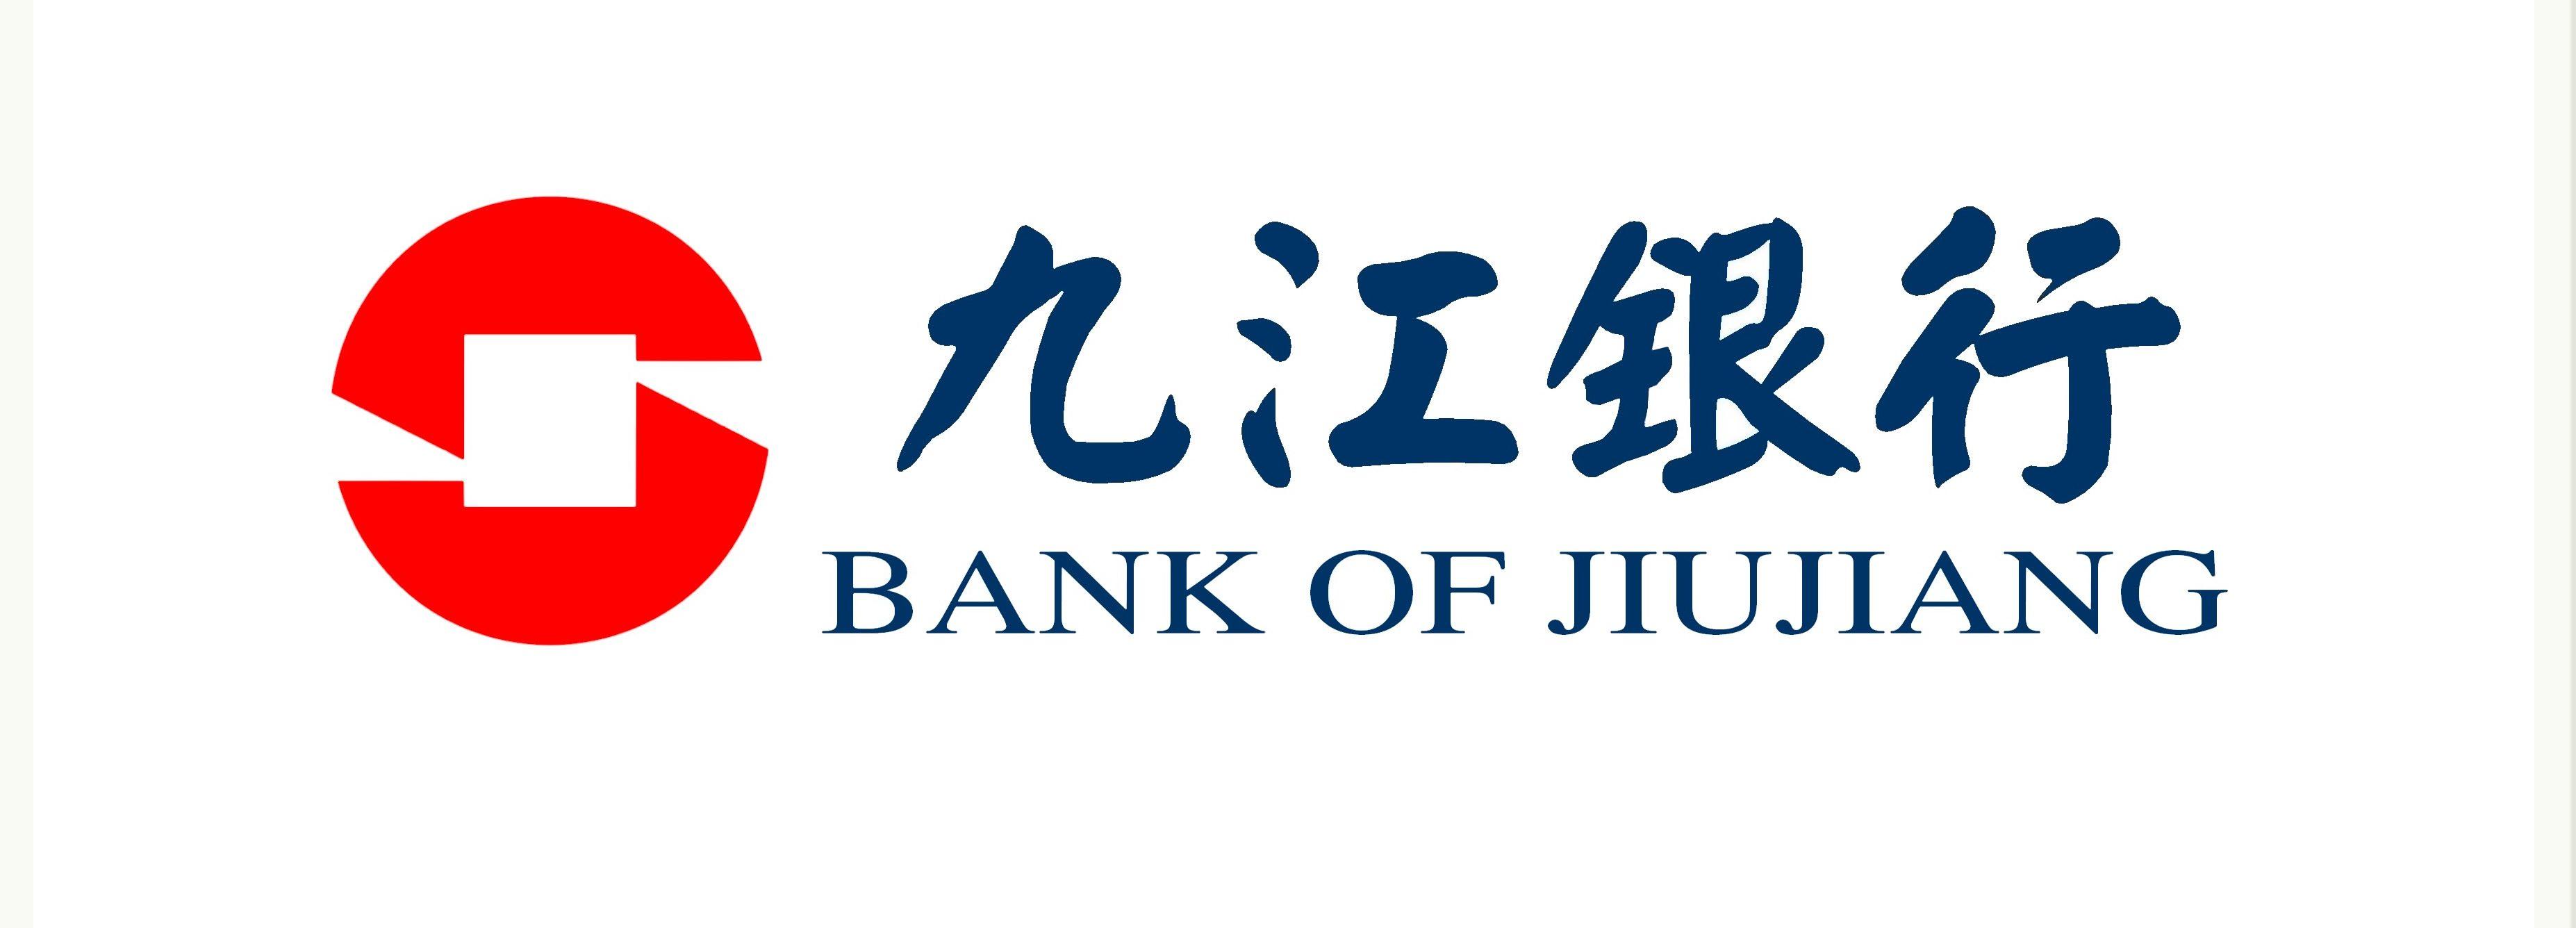 logo logo 标志 设计 矢量 矢量图 素材 图标 3708_1336